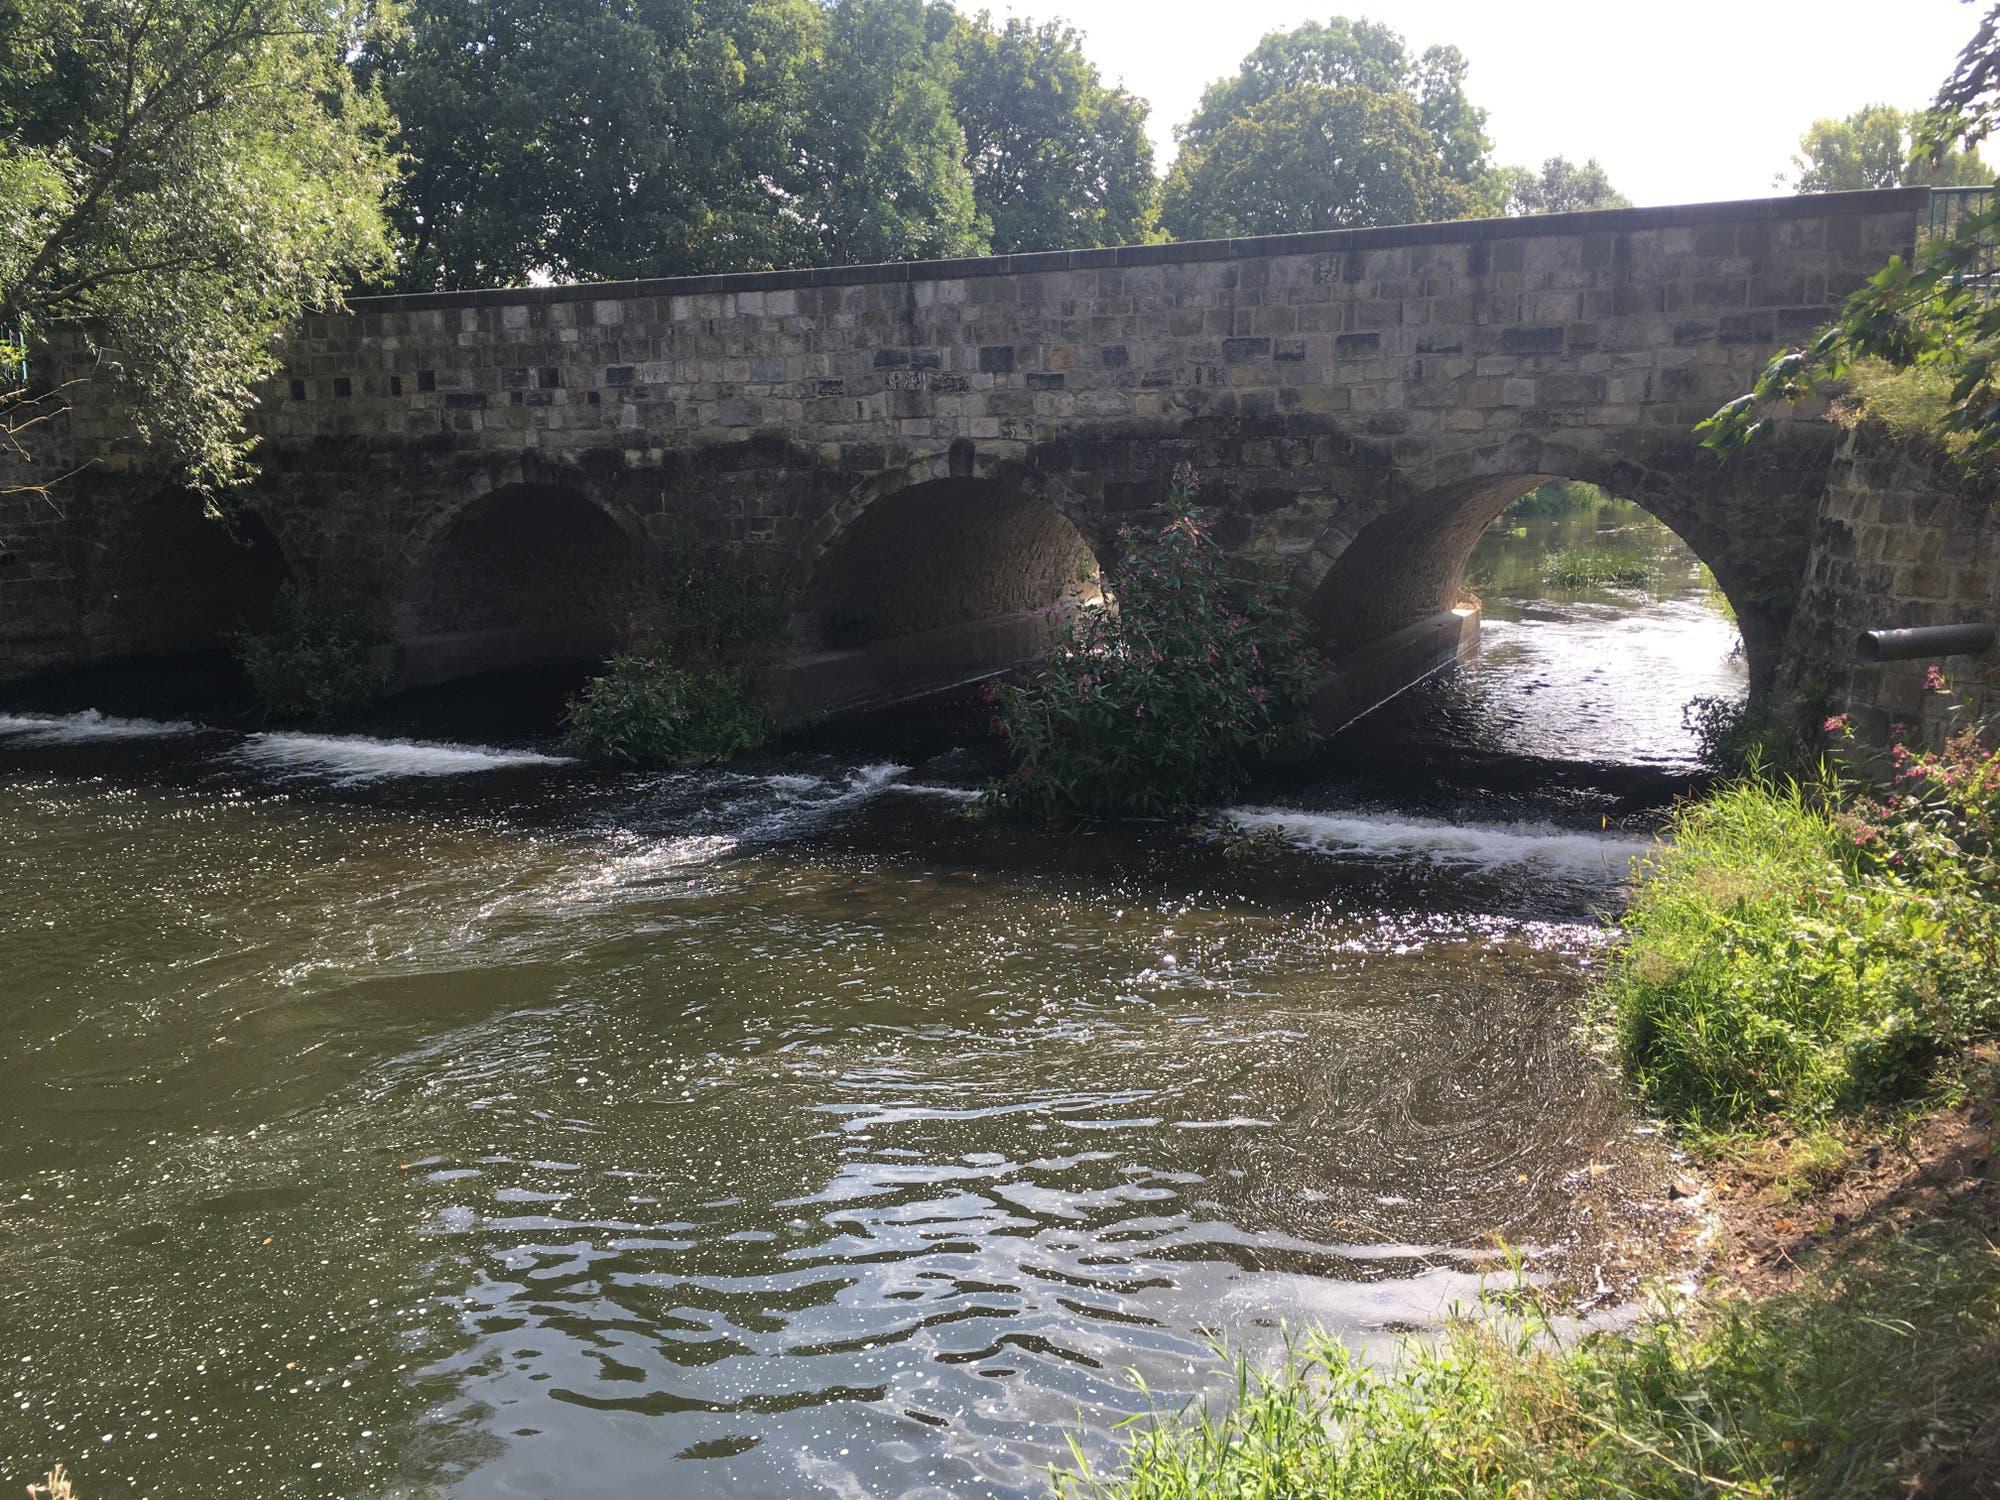 Die Bode bei Gröningen (Sachsen-Anhalt)